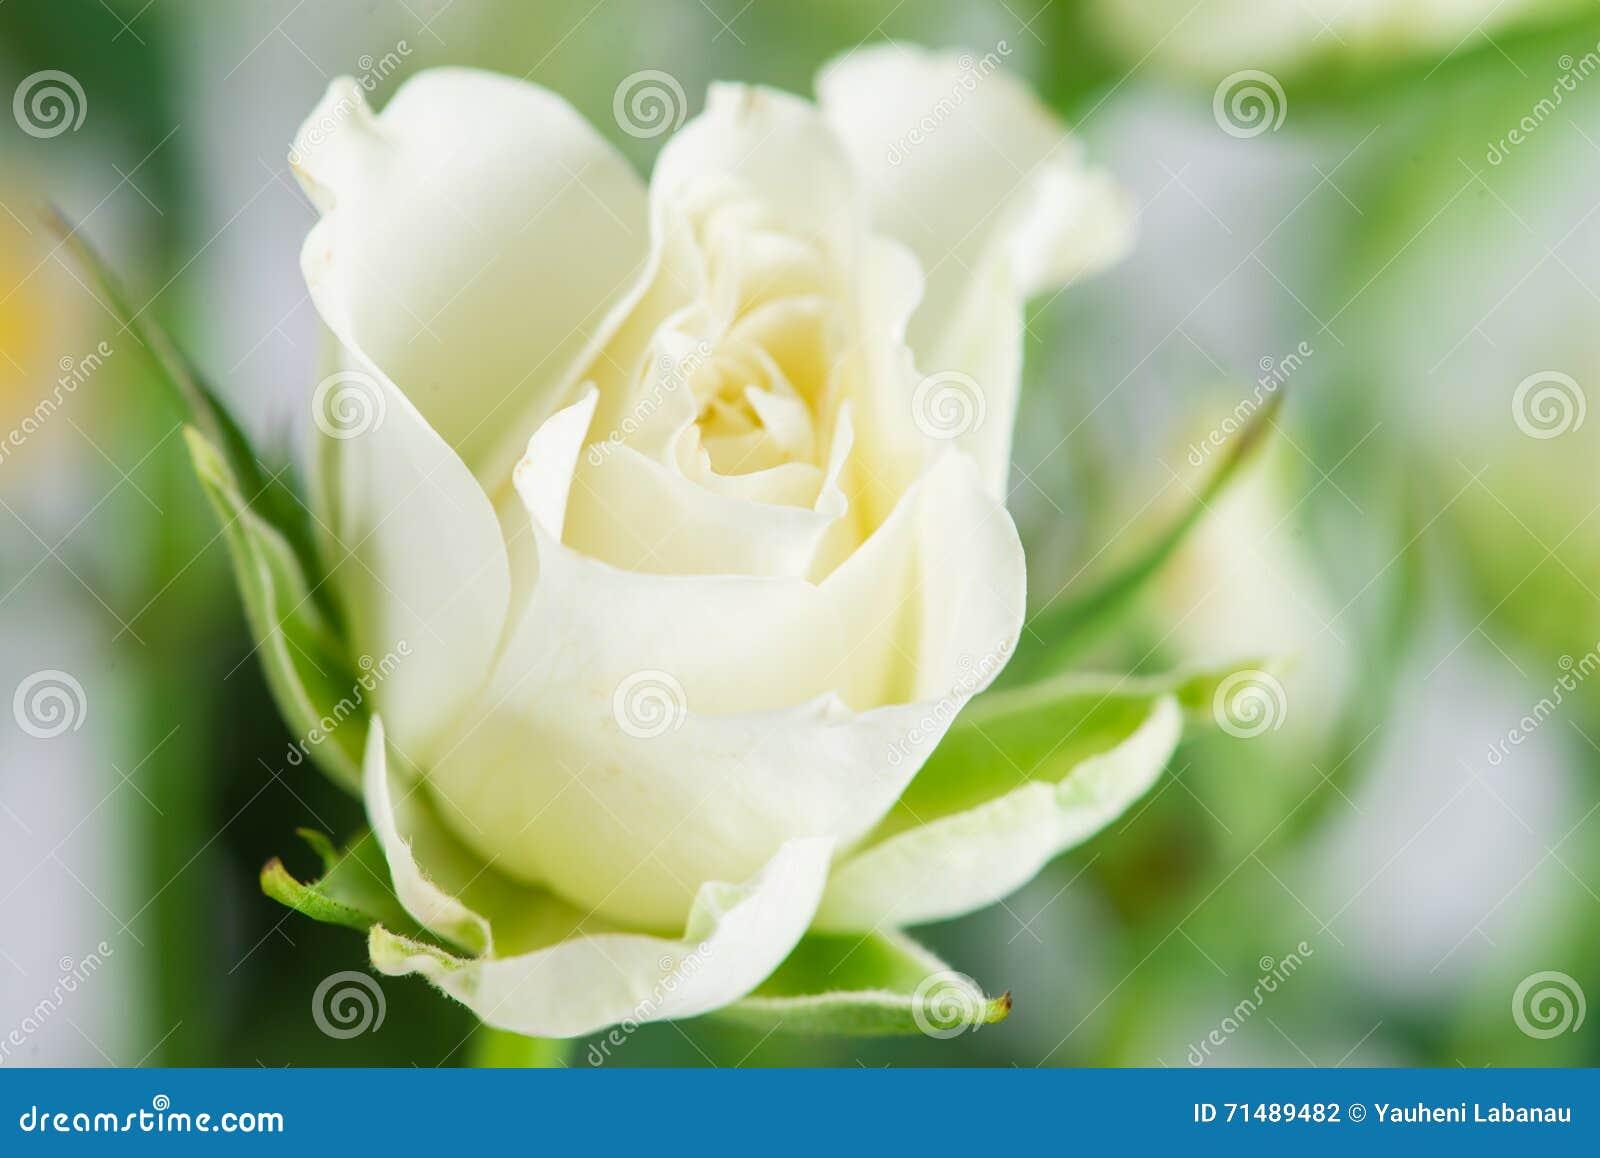 rosier d 39 arbuste blanc sur le fond vert photo stock image du isolement nature 71489482. Black Bedroom Furniture Sets. Home Design Ideas